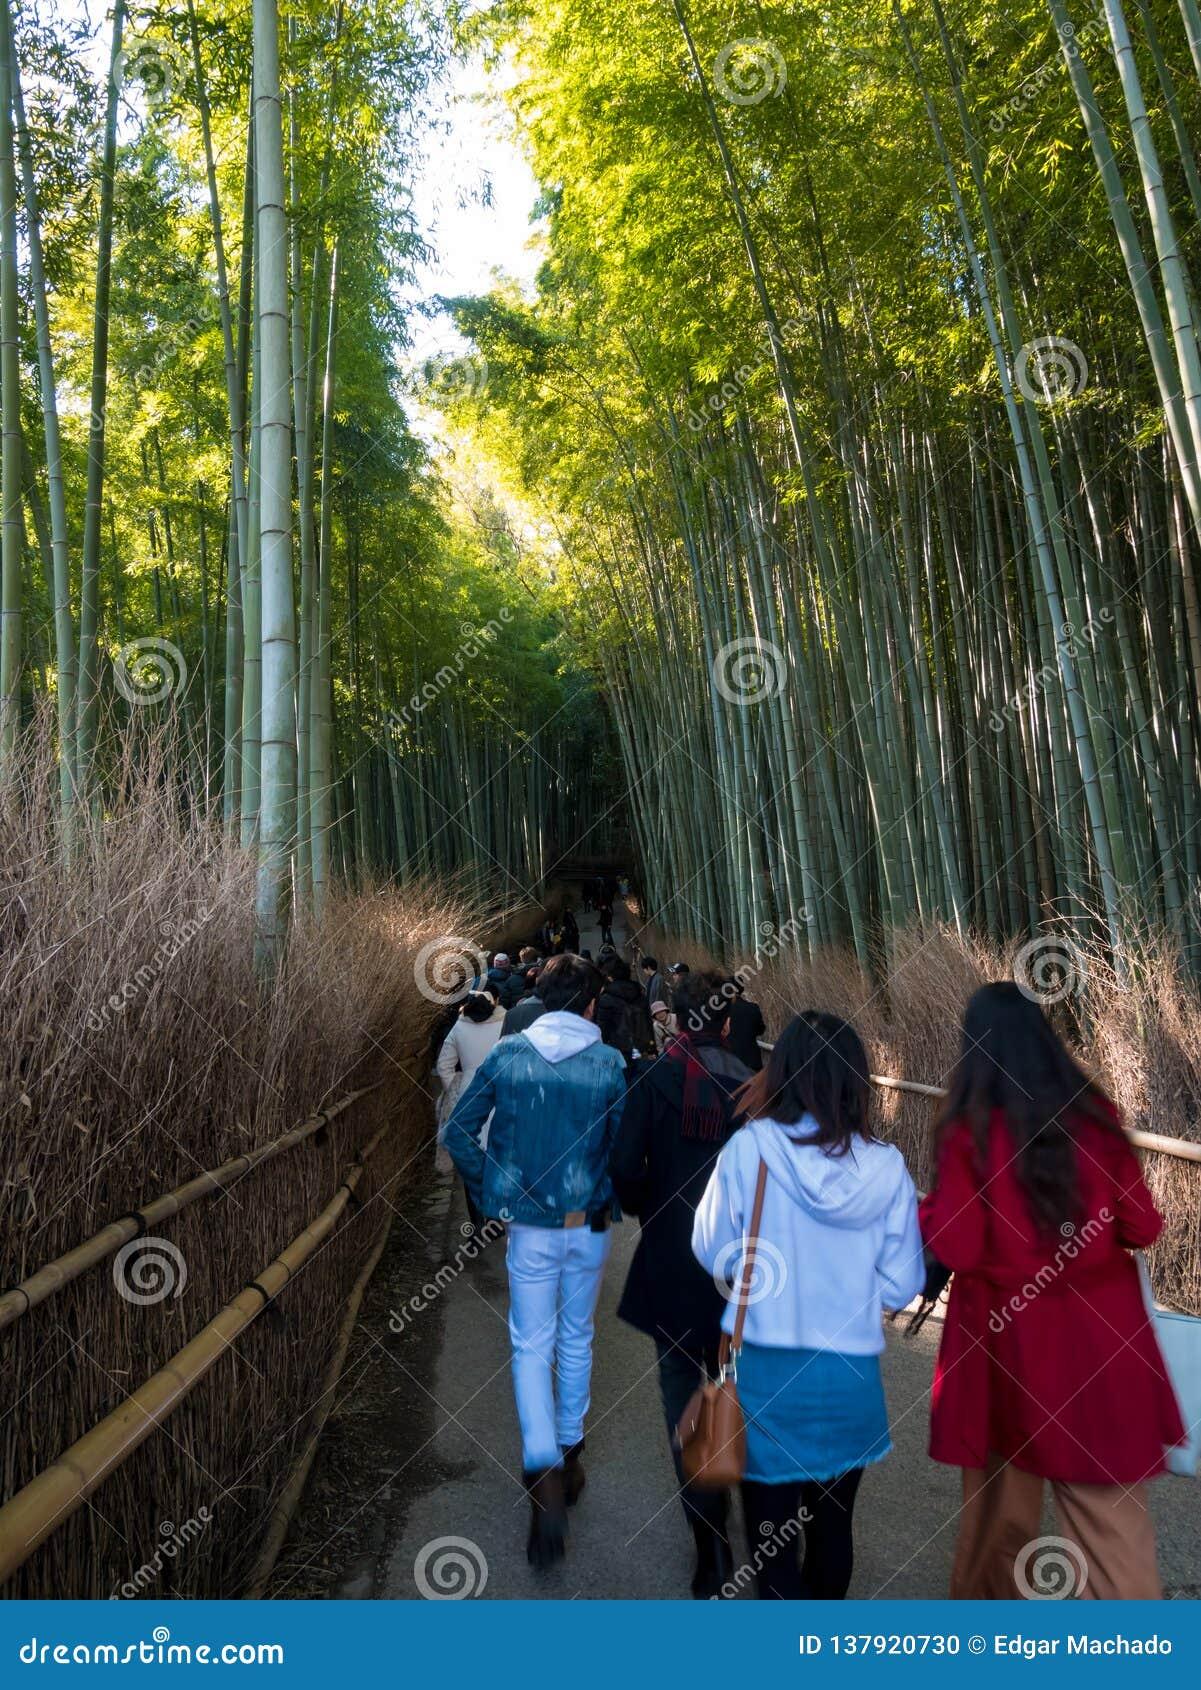 El caminar turístico en el bosque de bambú